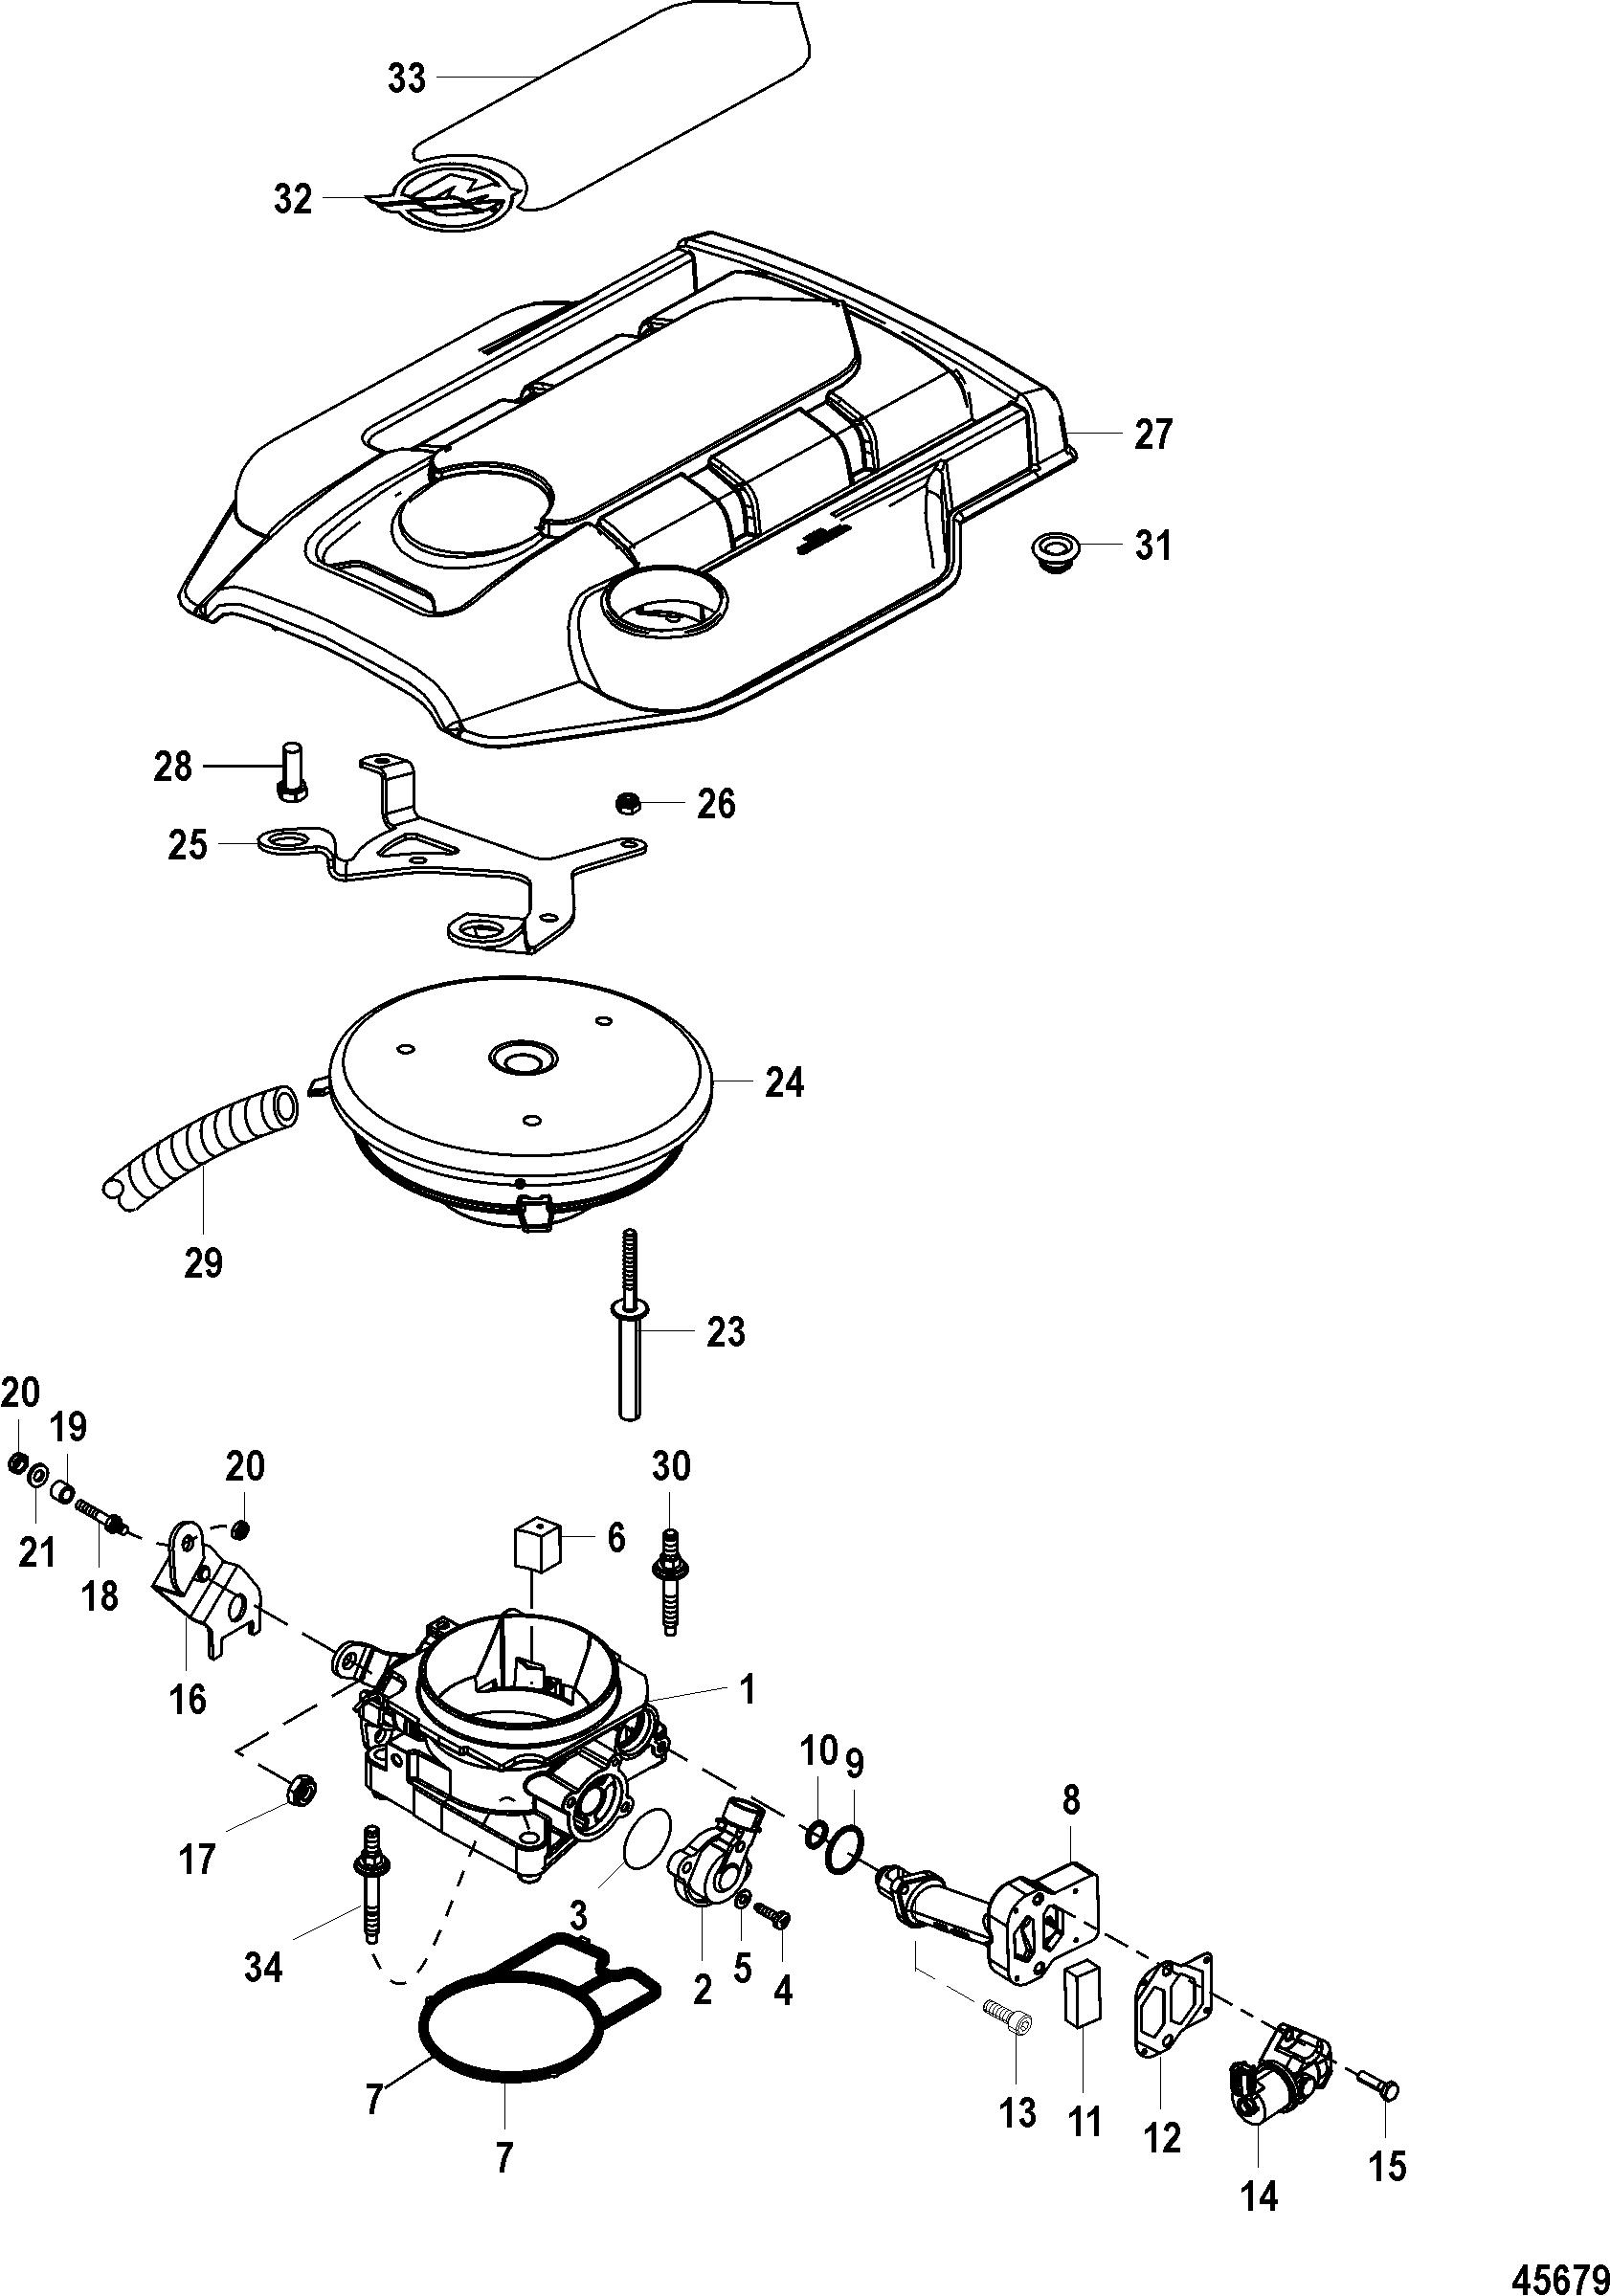 Throttle Body For Mercruiser 4 3l Mpi Alpha Bravo Ec